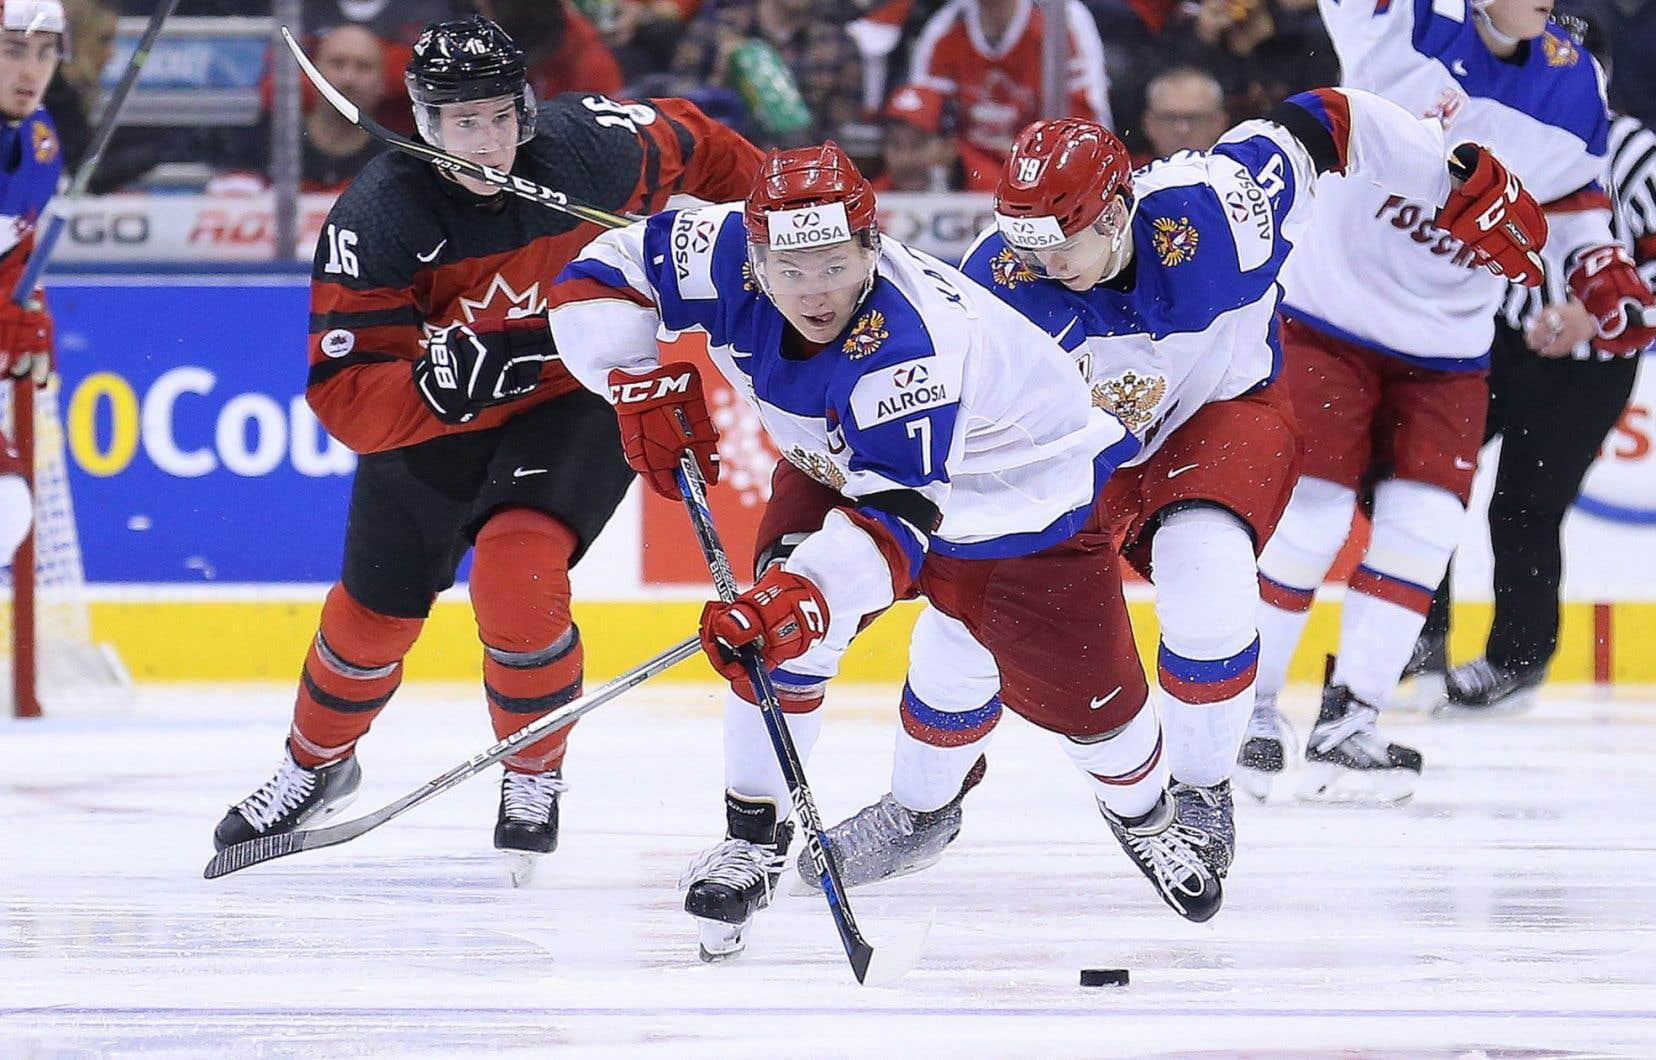 Le russe Kirill Kaprizov (#7) patine vers le filet du Canada lors du match opposant les deux équipes au Centre Air Canada à Toronto, le 26 décembre dernier.